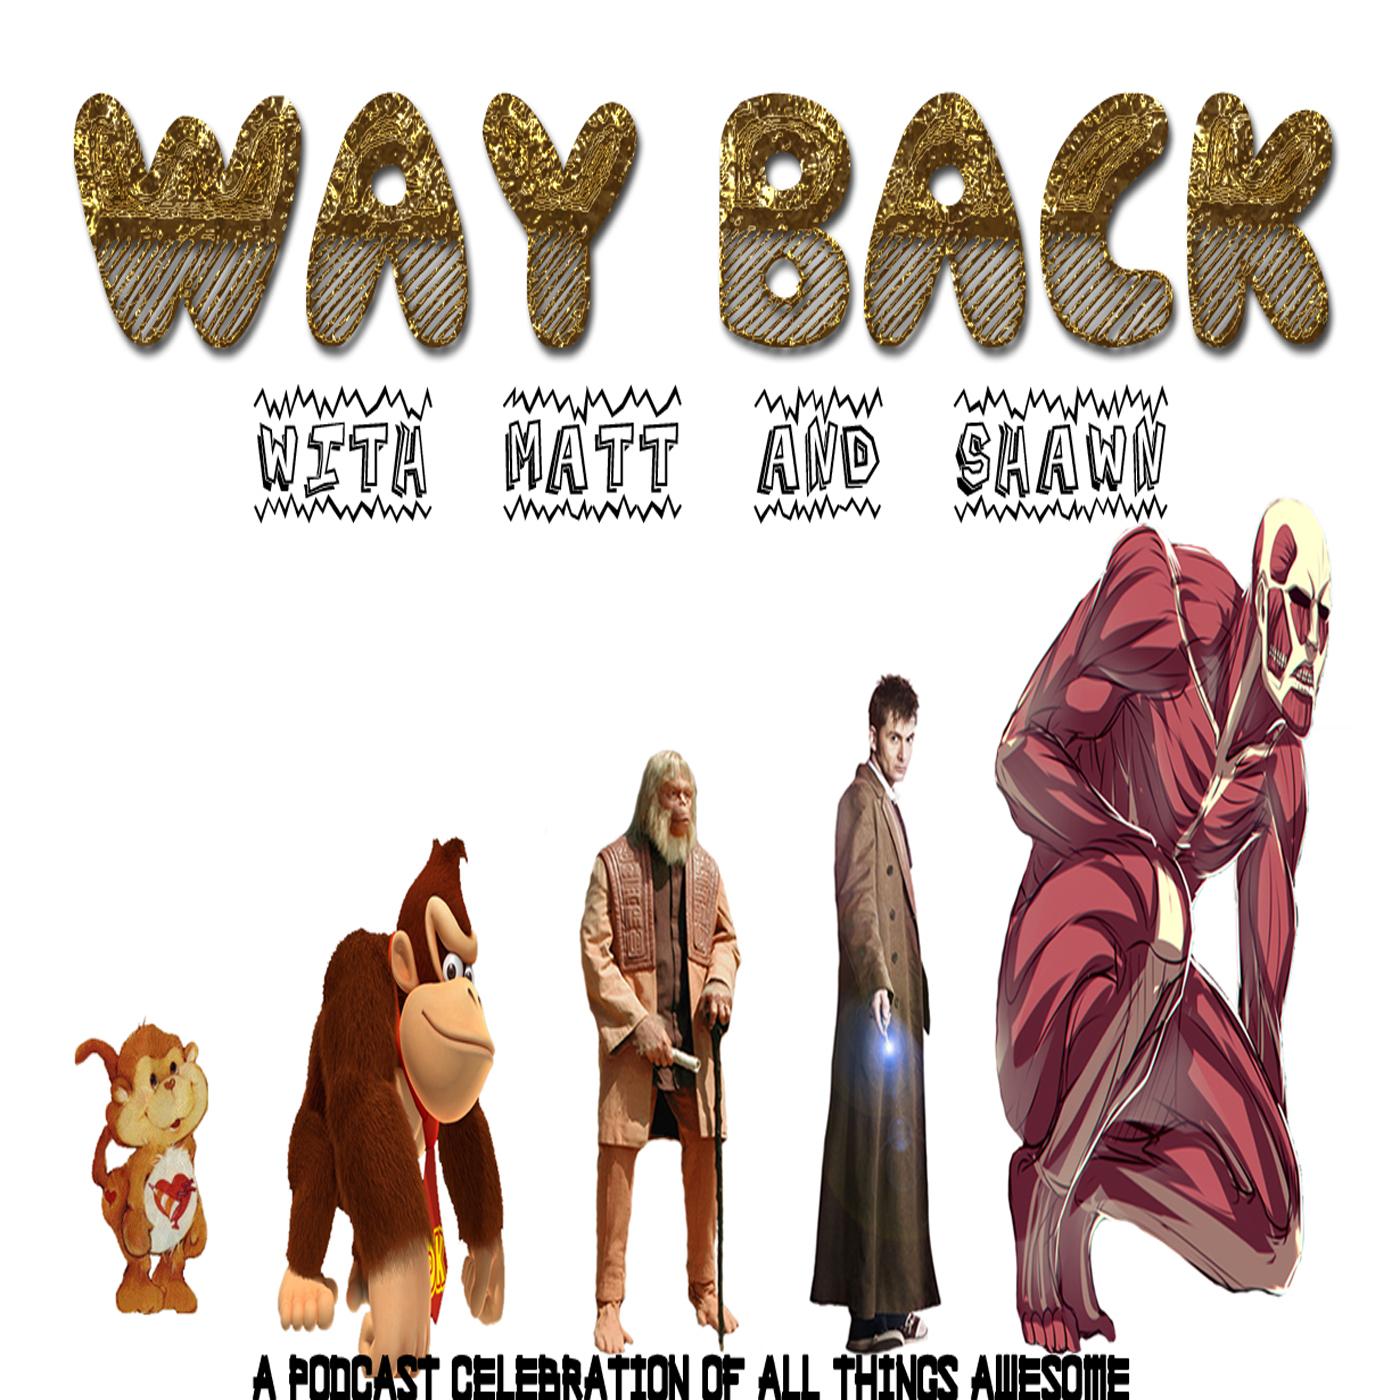 WayBack Pod